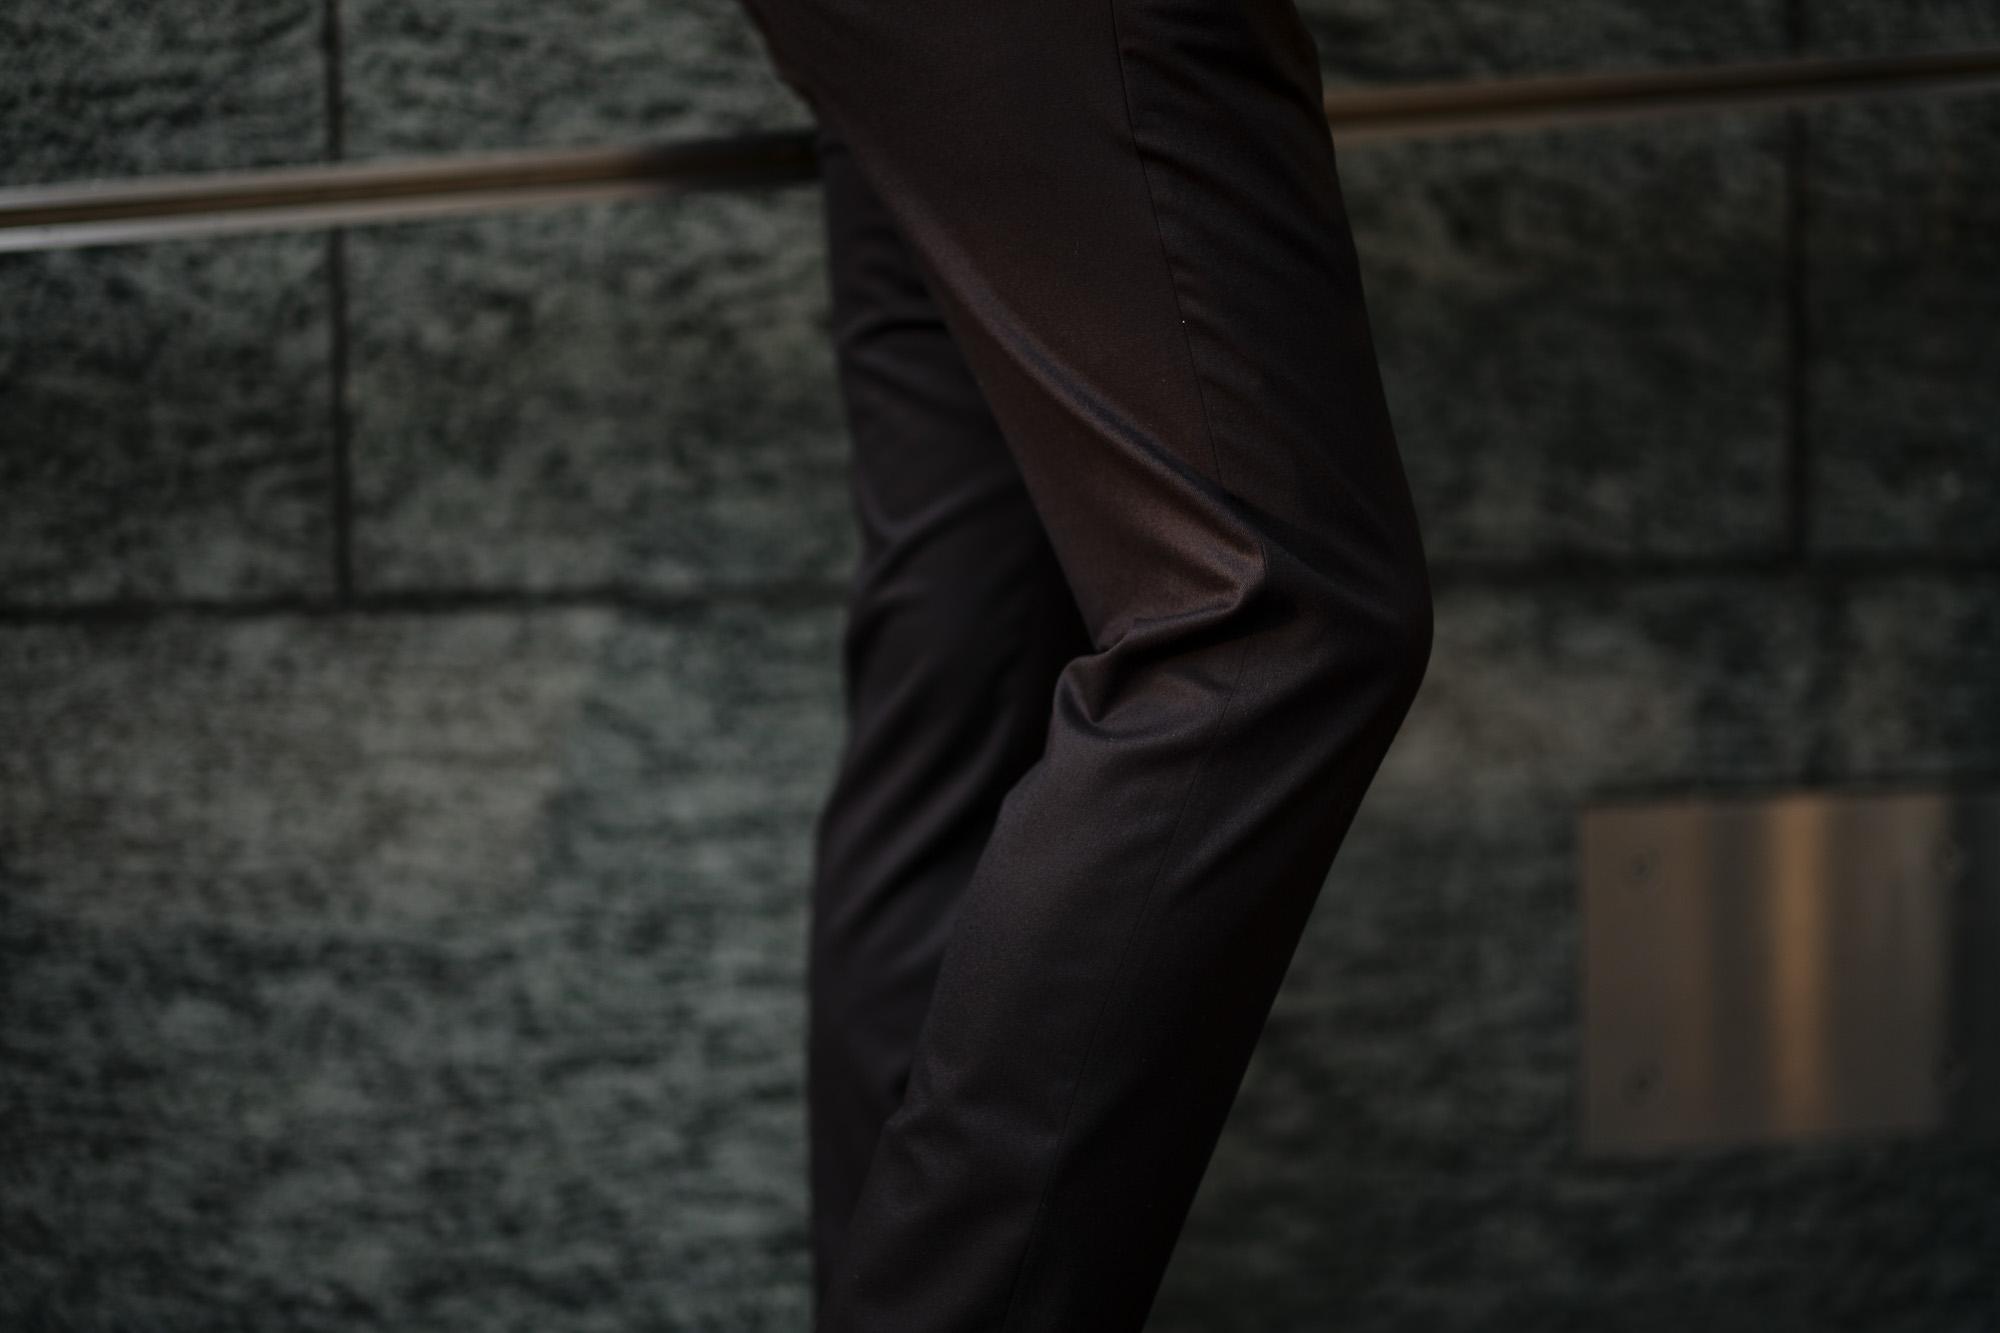 PT01 (ピーティーゼロウーノ) LOWER EAST SIDE HEPCAT SUPER SLIM FIT (スーパースリムフィット) STRETCH COMFORT FLANNEL ストレッチ フランネル ウール スラックス BLACK (ブラック・0990) 2019 秋冬新作 愛知 名古屋 altoediritto アルトエデリット